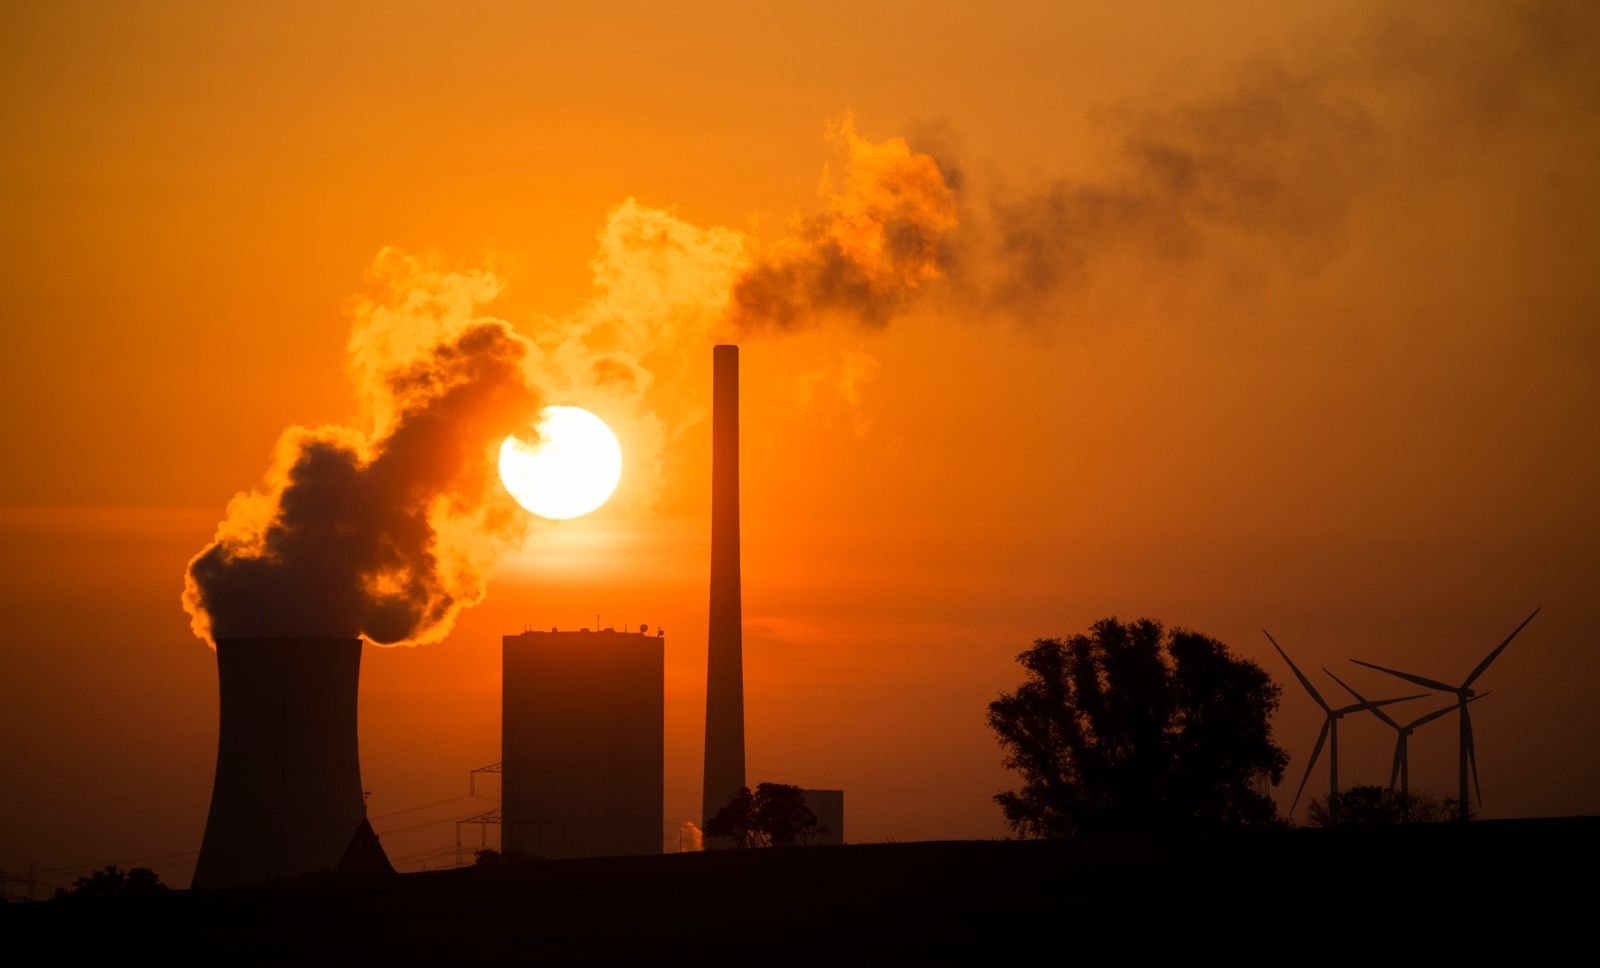 Kohlekraftwerk